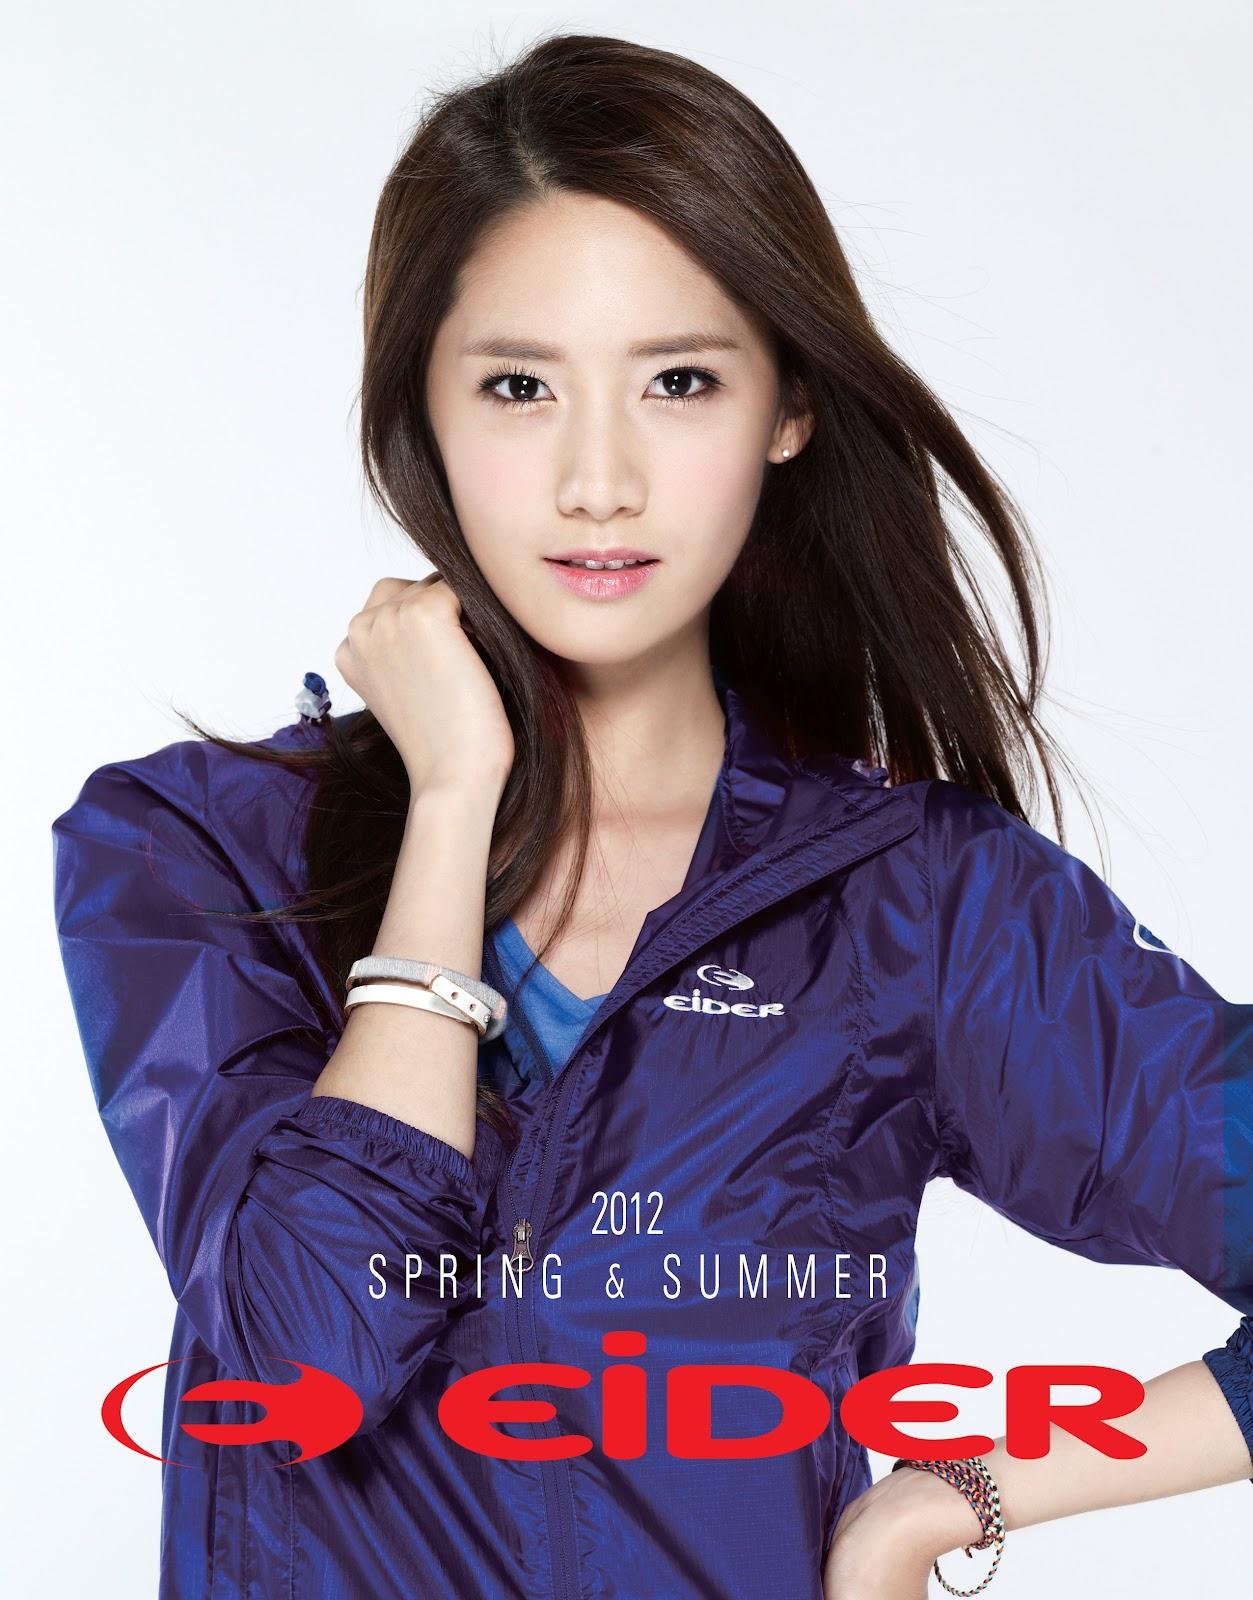 Yoona for Eider